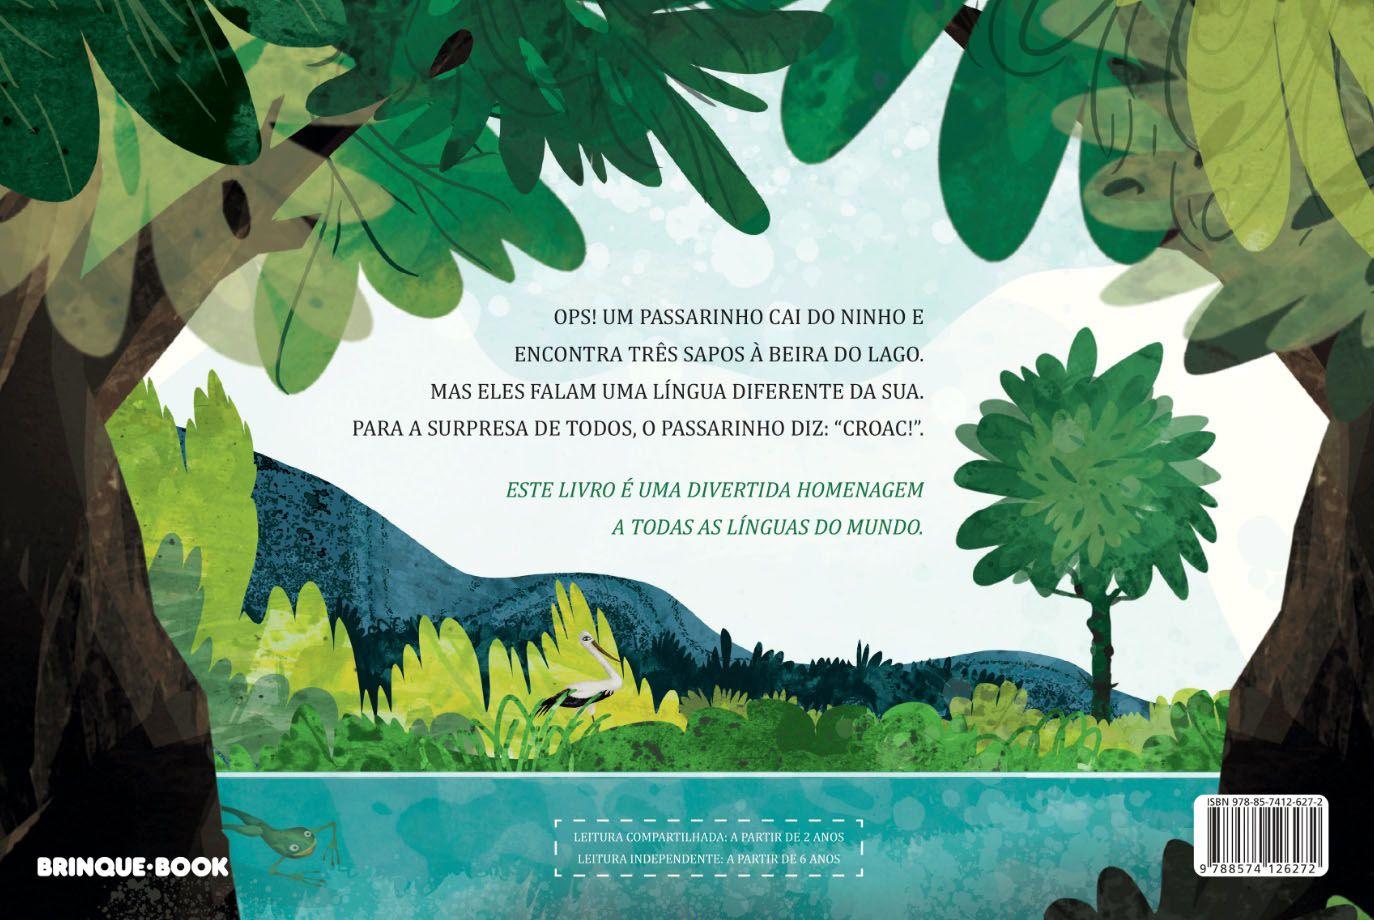 Pio, o passarinho  - Grupo Brinque-Book